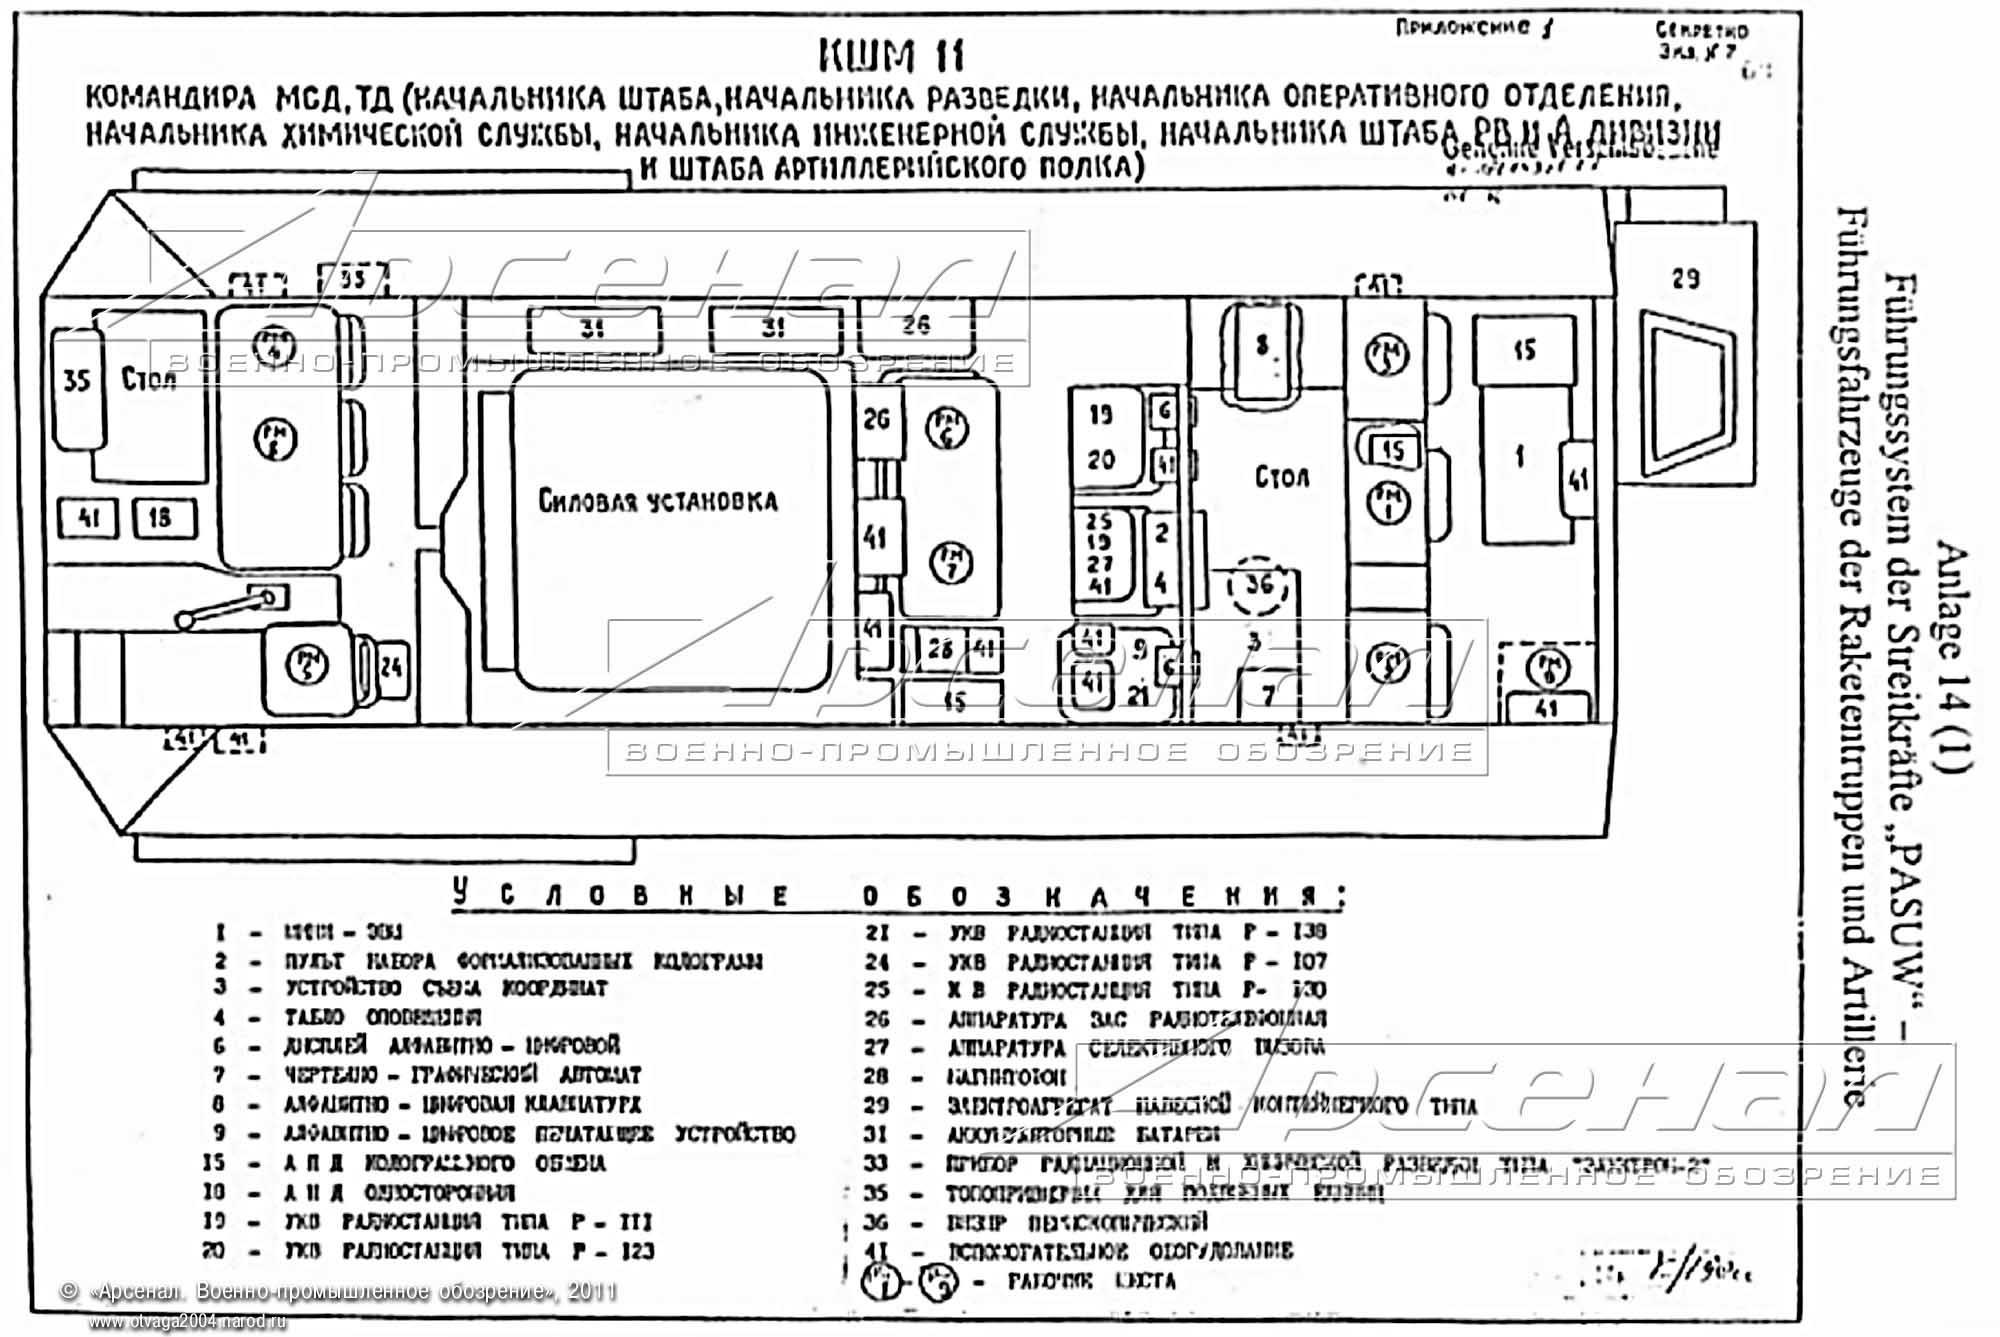 Интересный исторический документ: советская рукописная схема КШМ комплекса «Маневр», использовавшаяся как руководство в Национальной народной армии ГДР